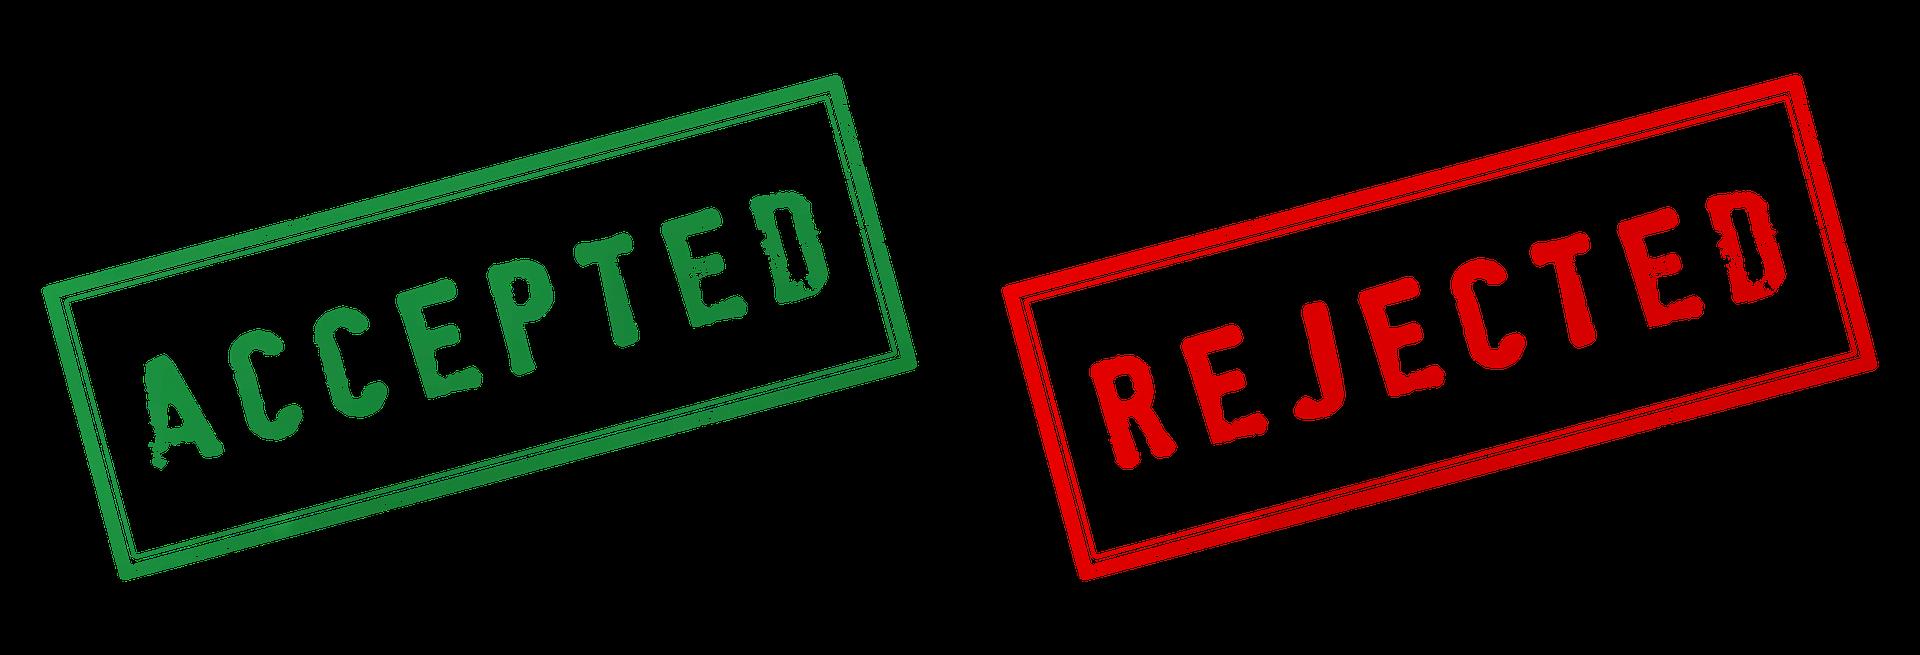 承認と拒否の写真